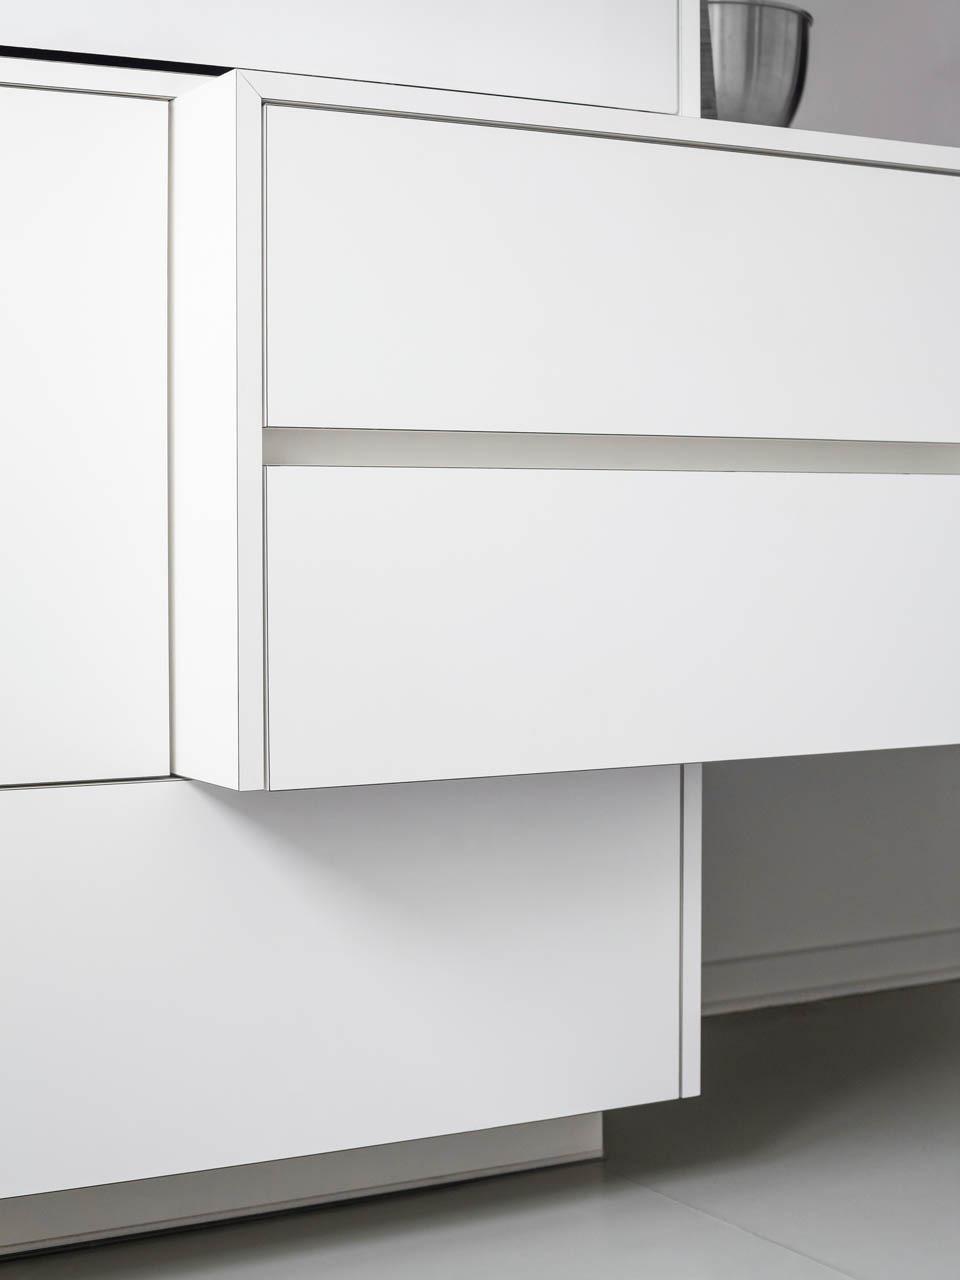 plan 3 kuchyně / Bílá kuchyně na míru / Staré poklady v novém hávu